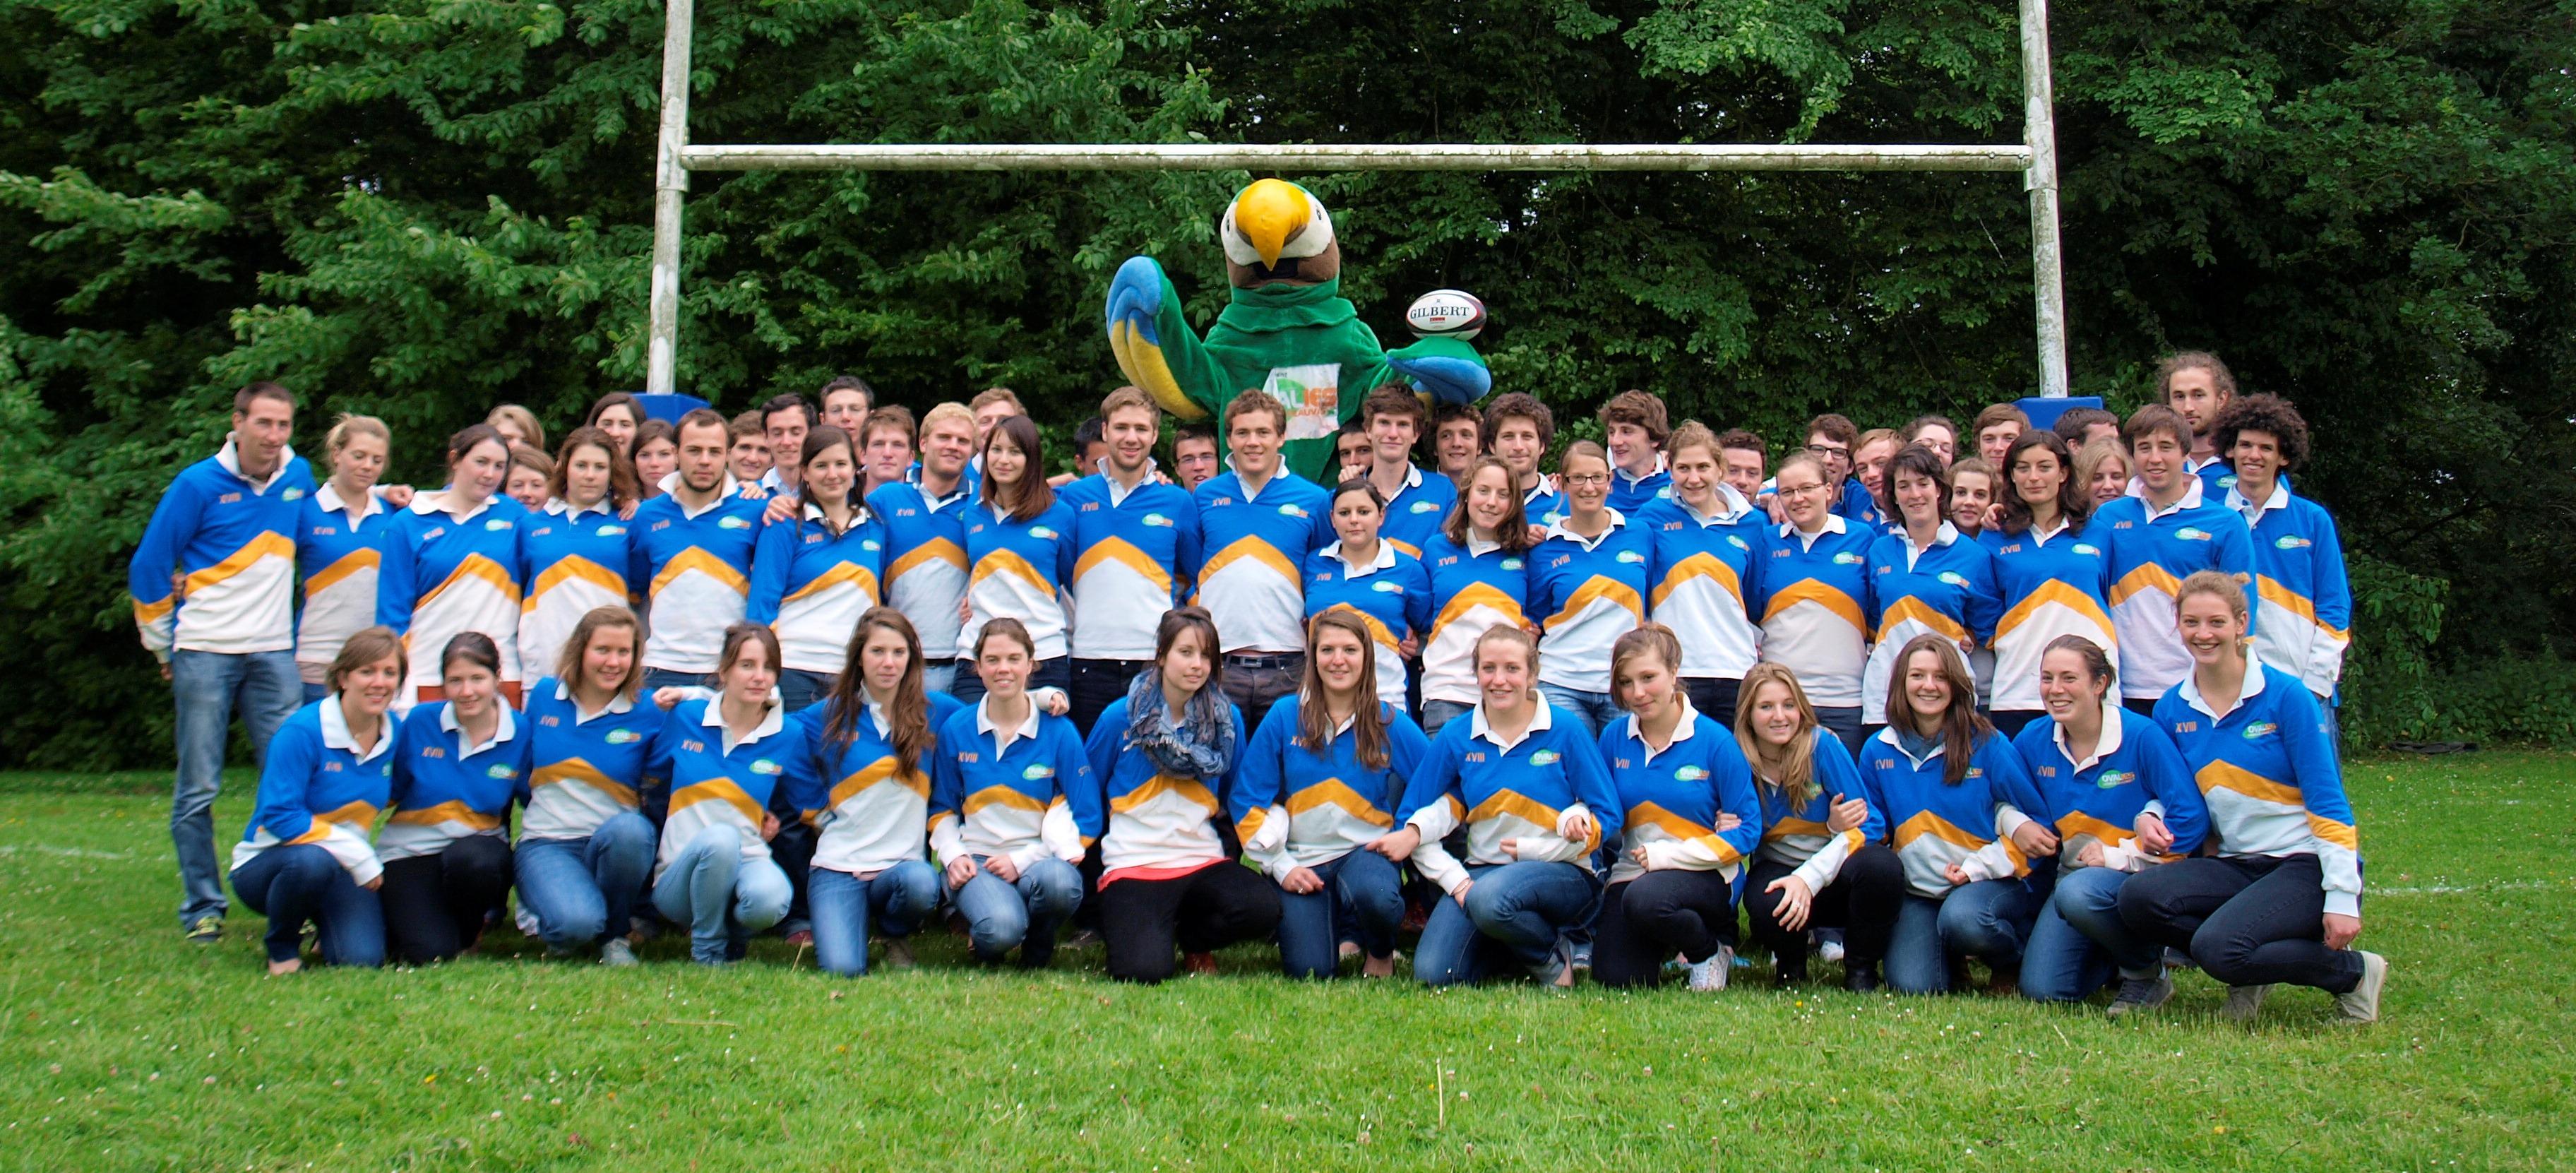 Les Ovalies LaSalle Beauvais des 3 et 4 mai 2013 : le plus grand tournoi de rugby universitaire européen à but humanitaire.